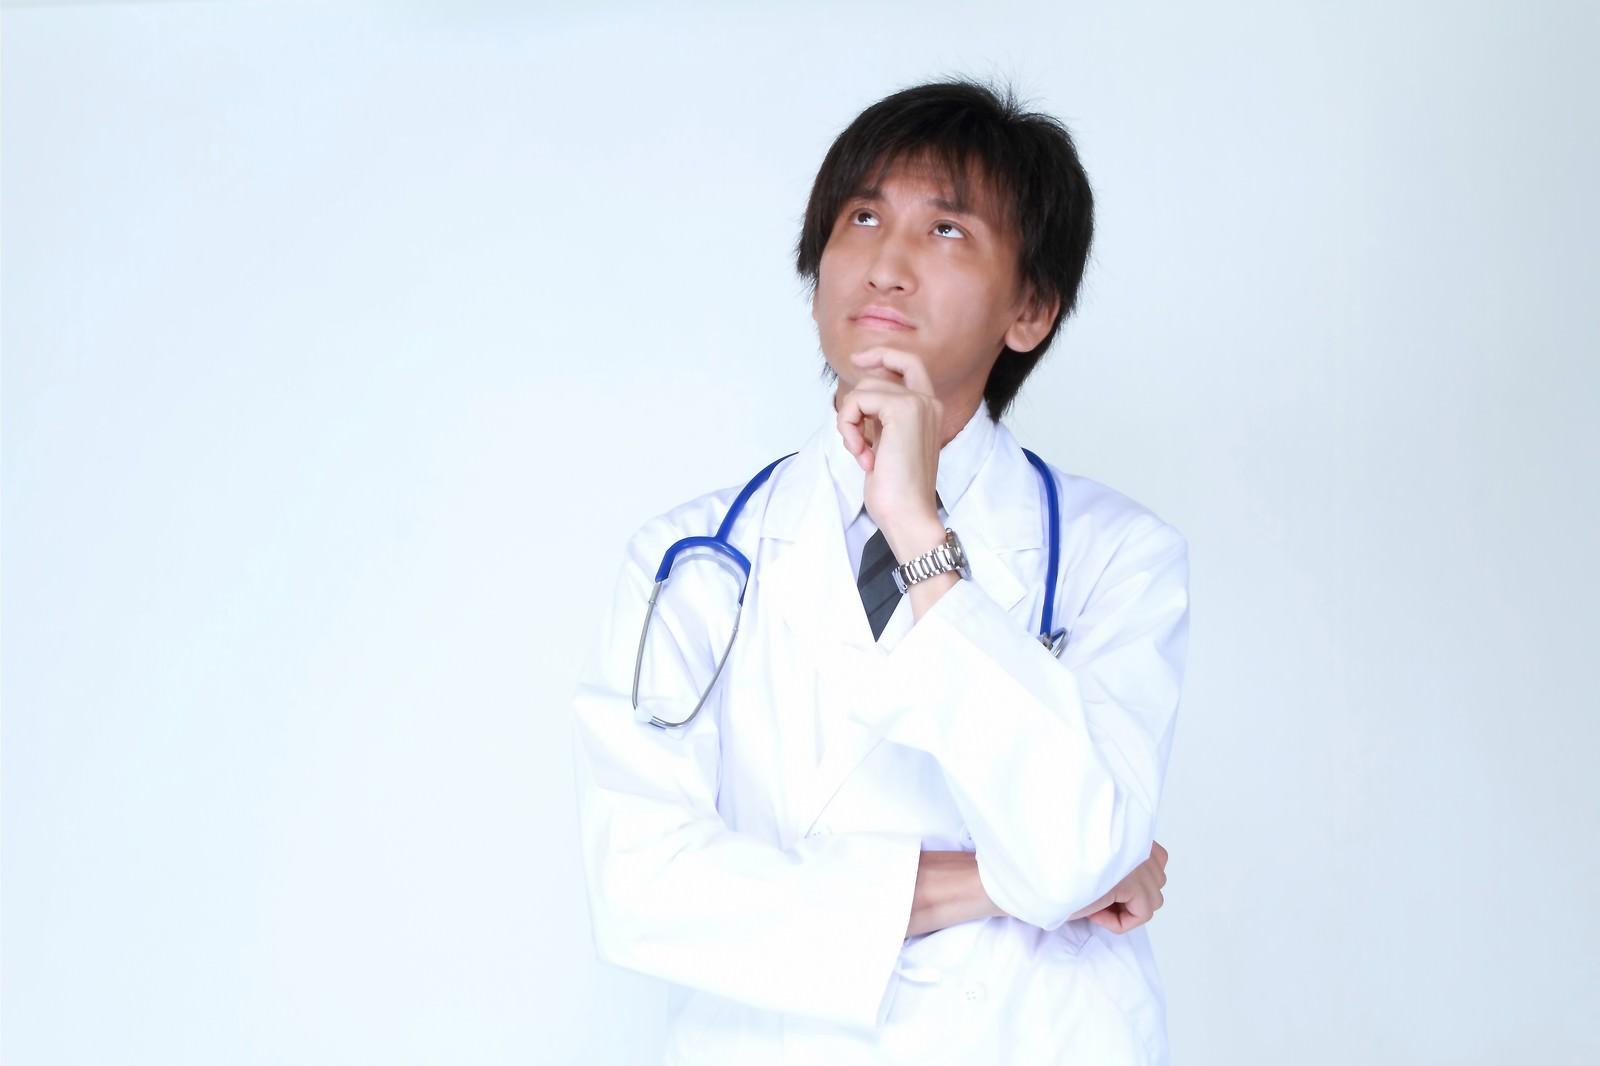 「天井を見上げ考える白衣のドクター」の写真[モデル:ACE]